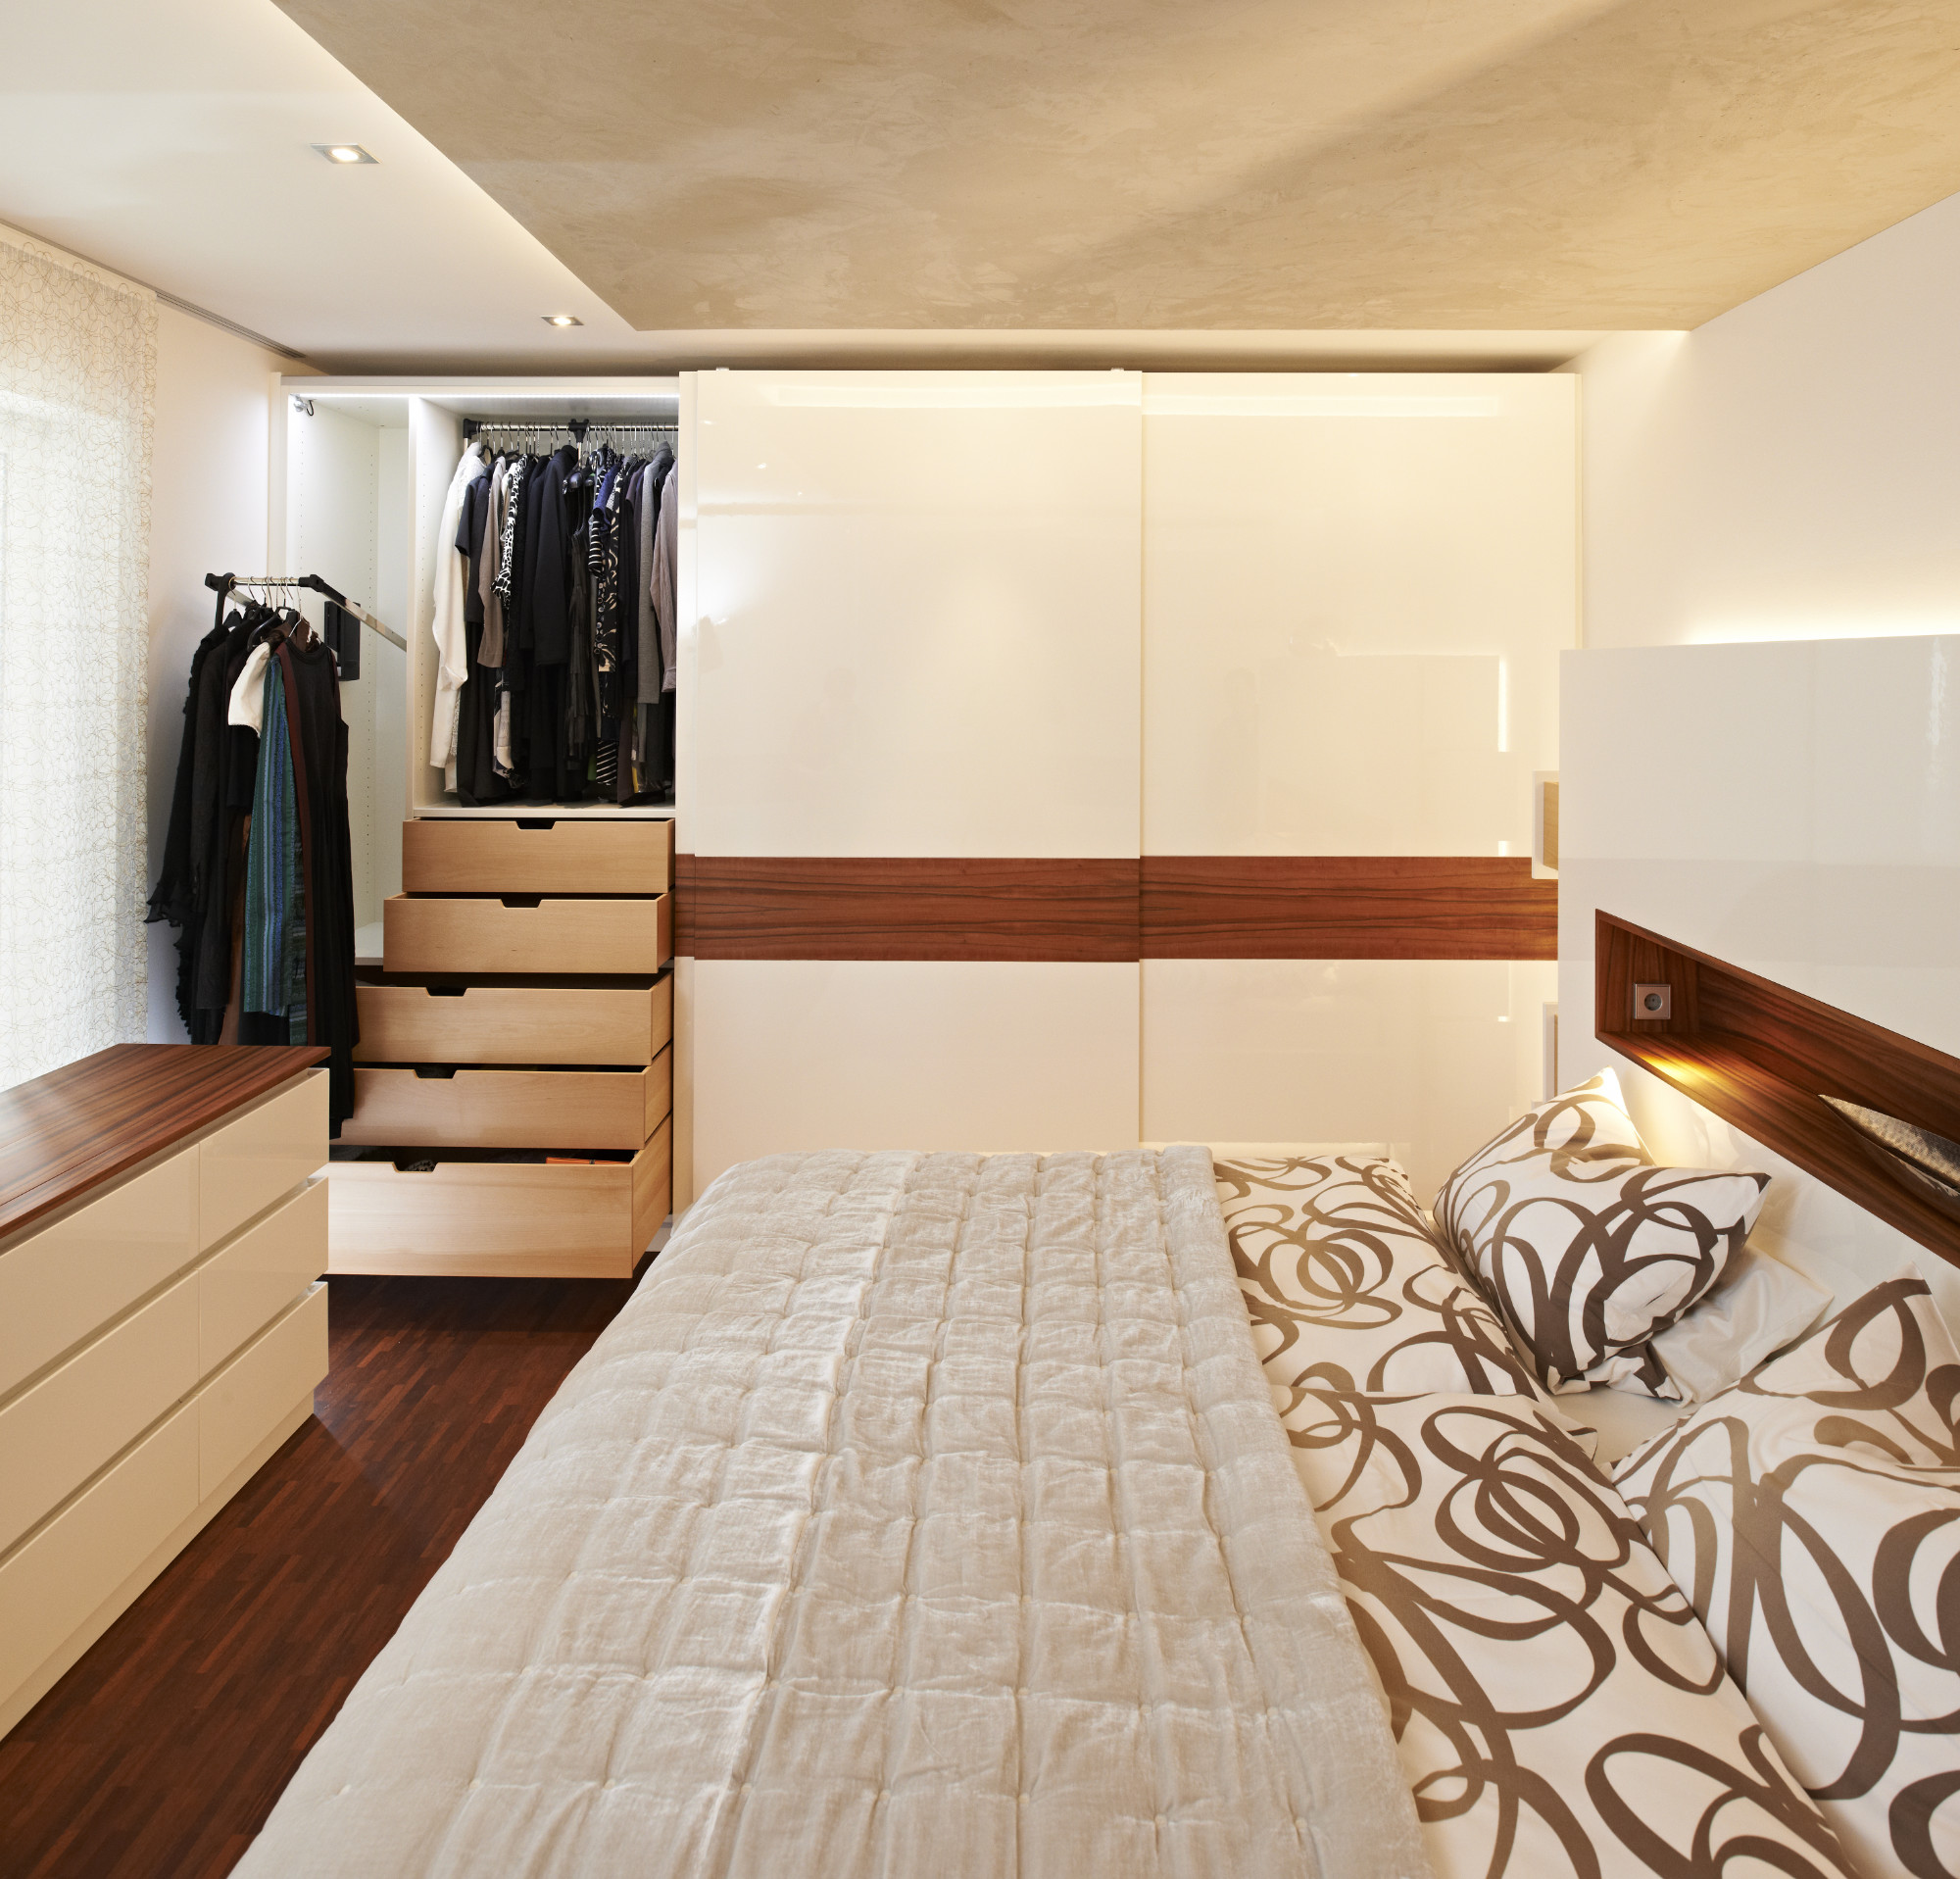 Schlafzimmer Indisch | Schlafzimmer Indisch Gestalten ...